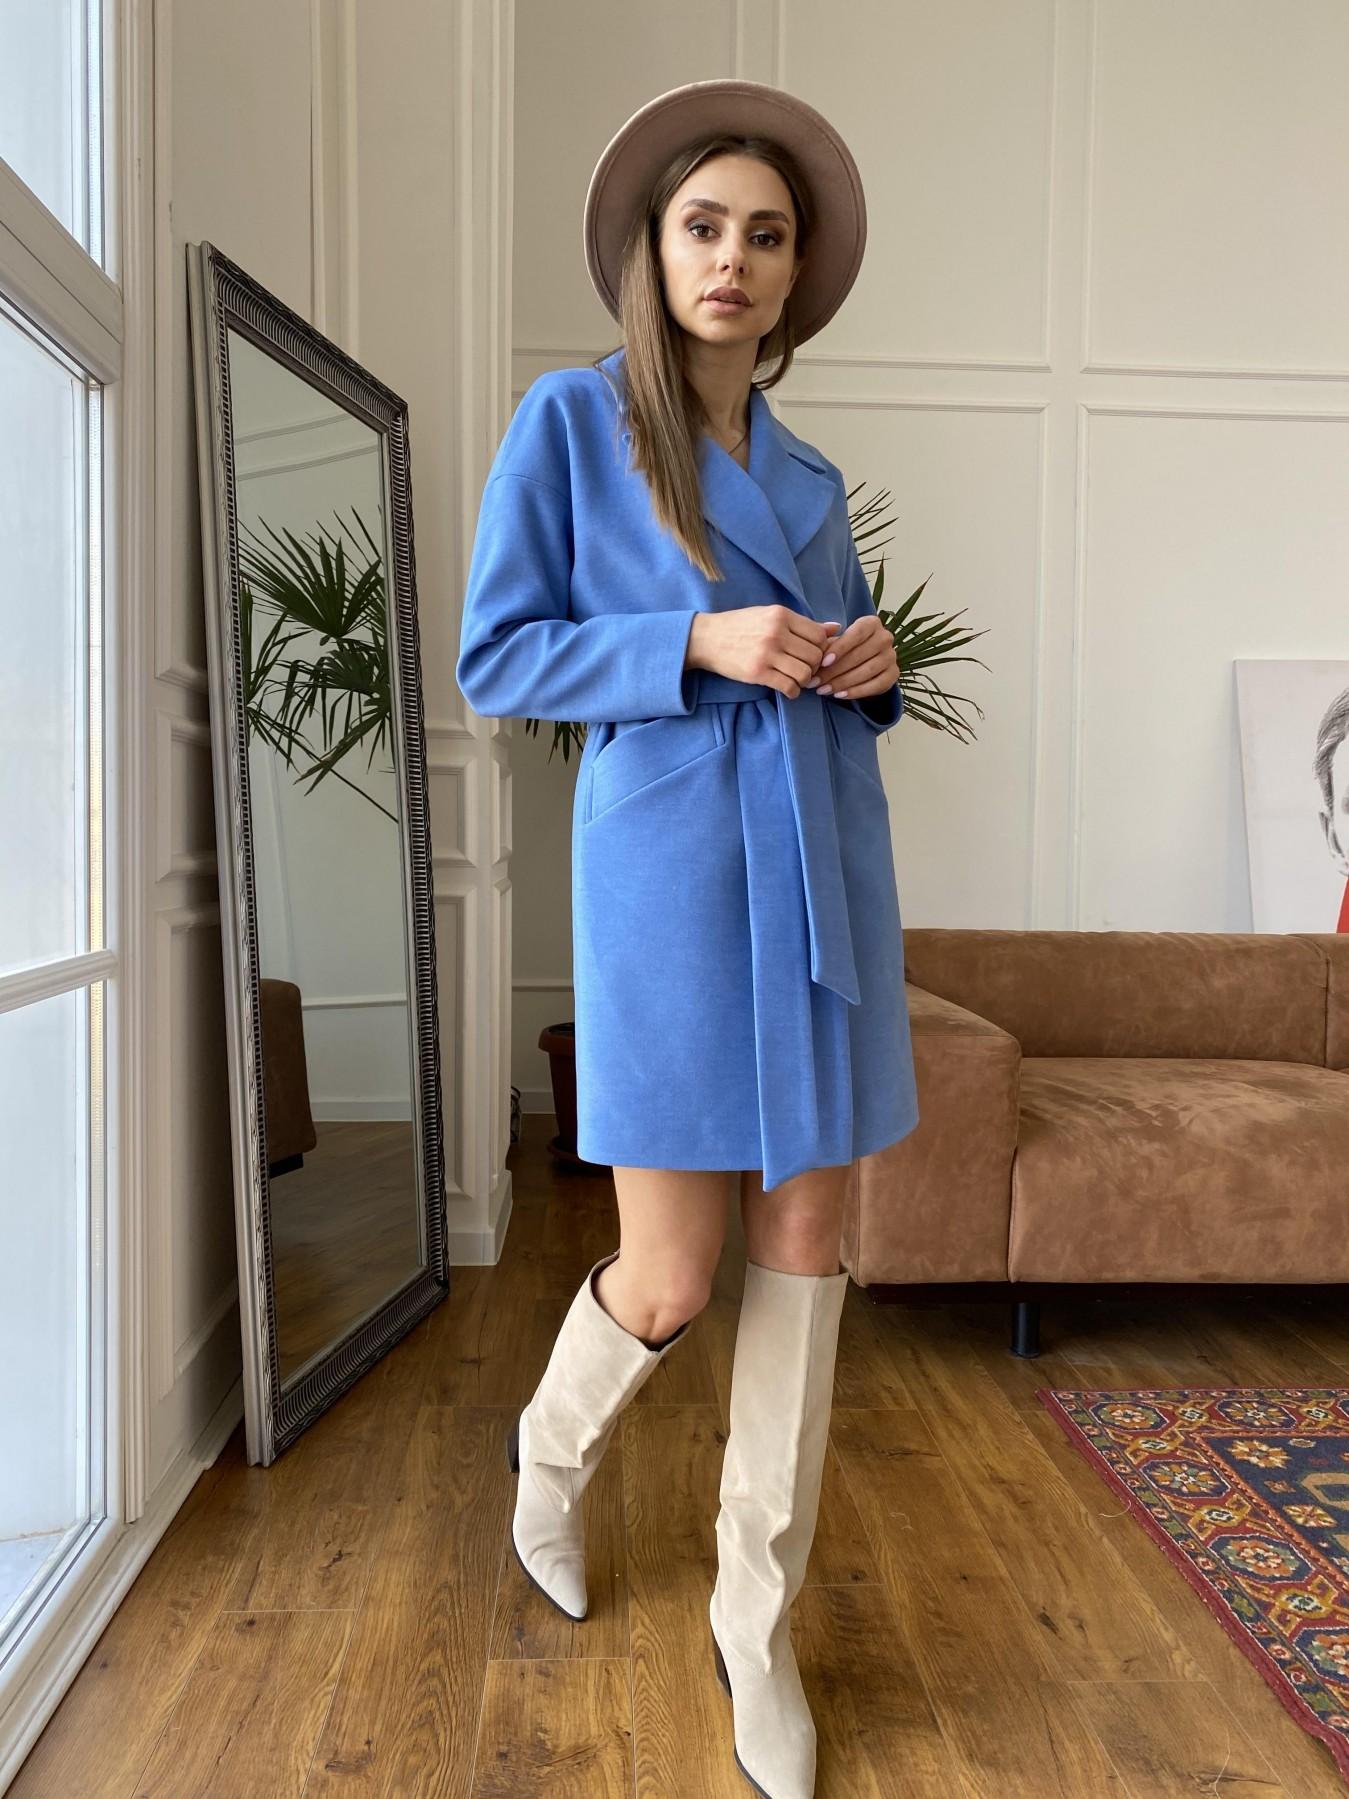 Сенсей пальто из кашемира 10572 АРТ. 47572 Цвет: Голубой - фото 9, интернет магазин tm-modus.ru